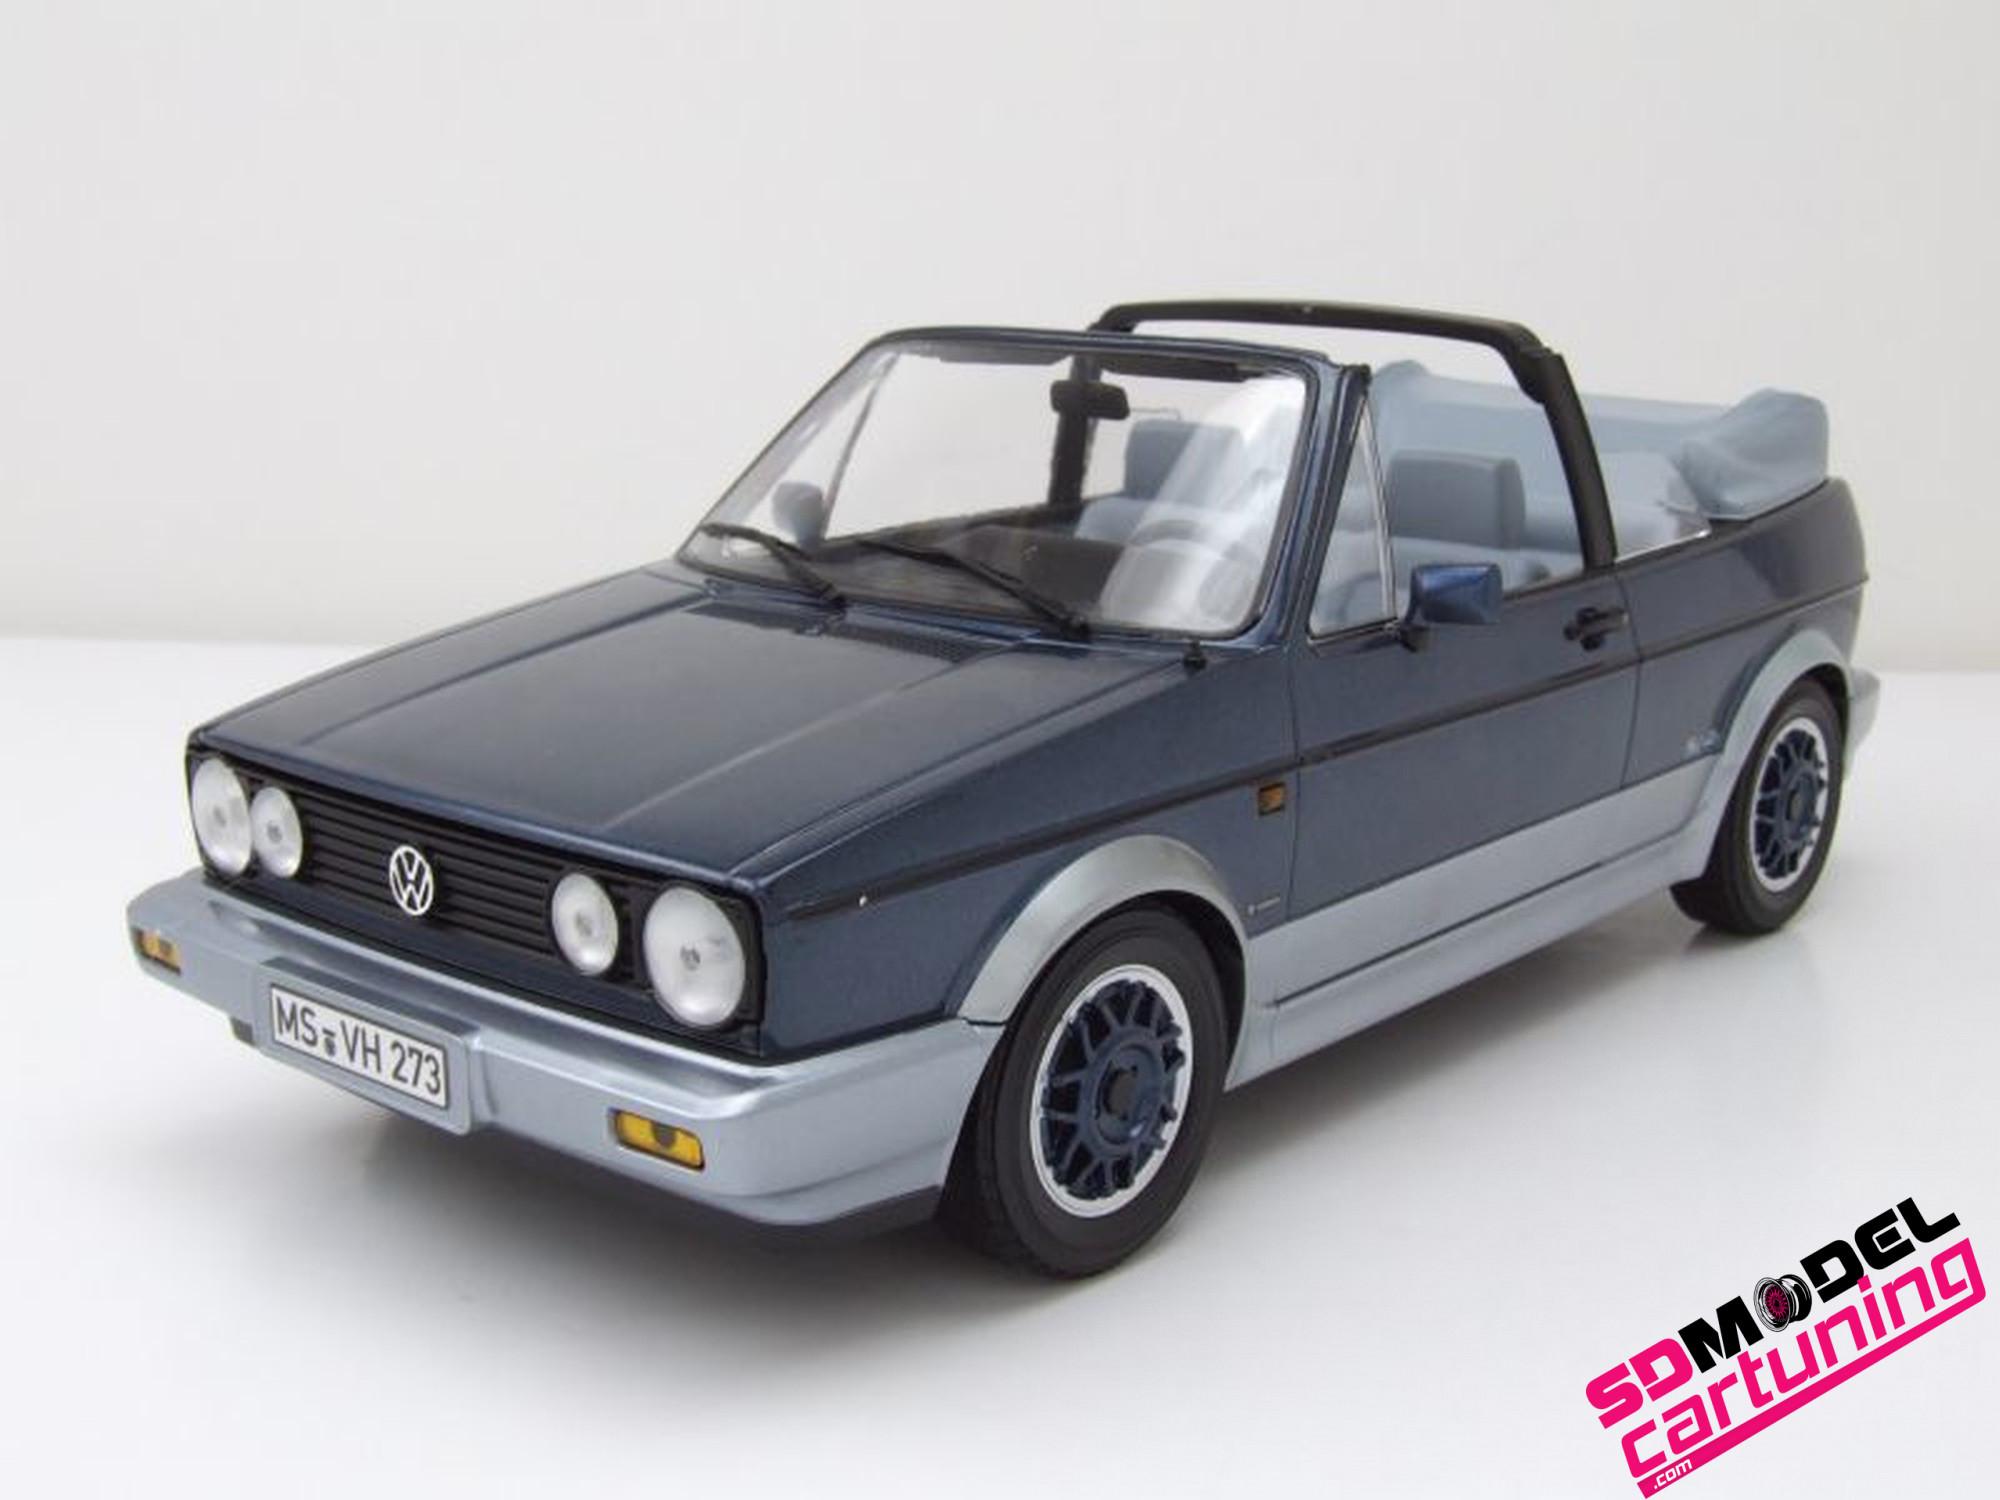 1:18 Volkswagen Golf mk1 Cabriolet Belair 1992